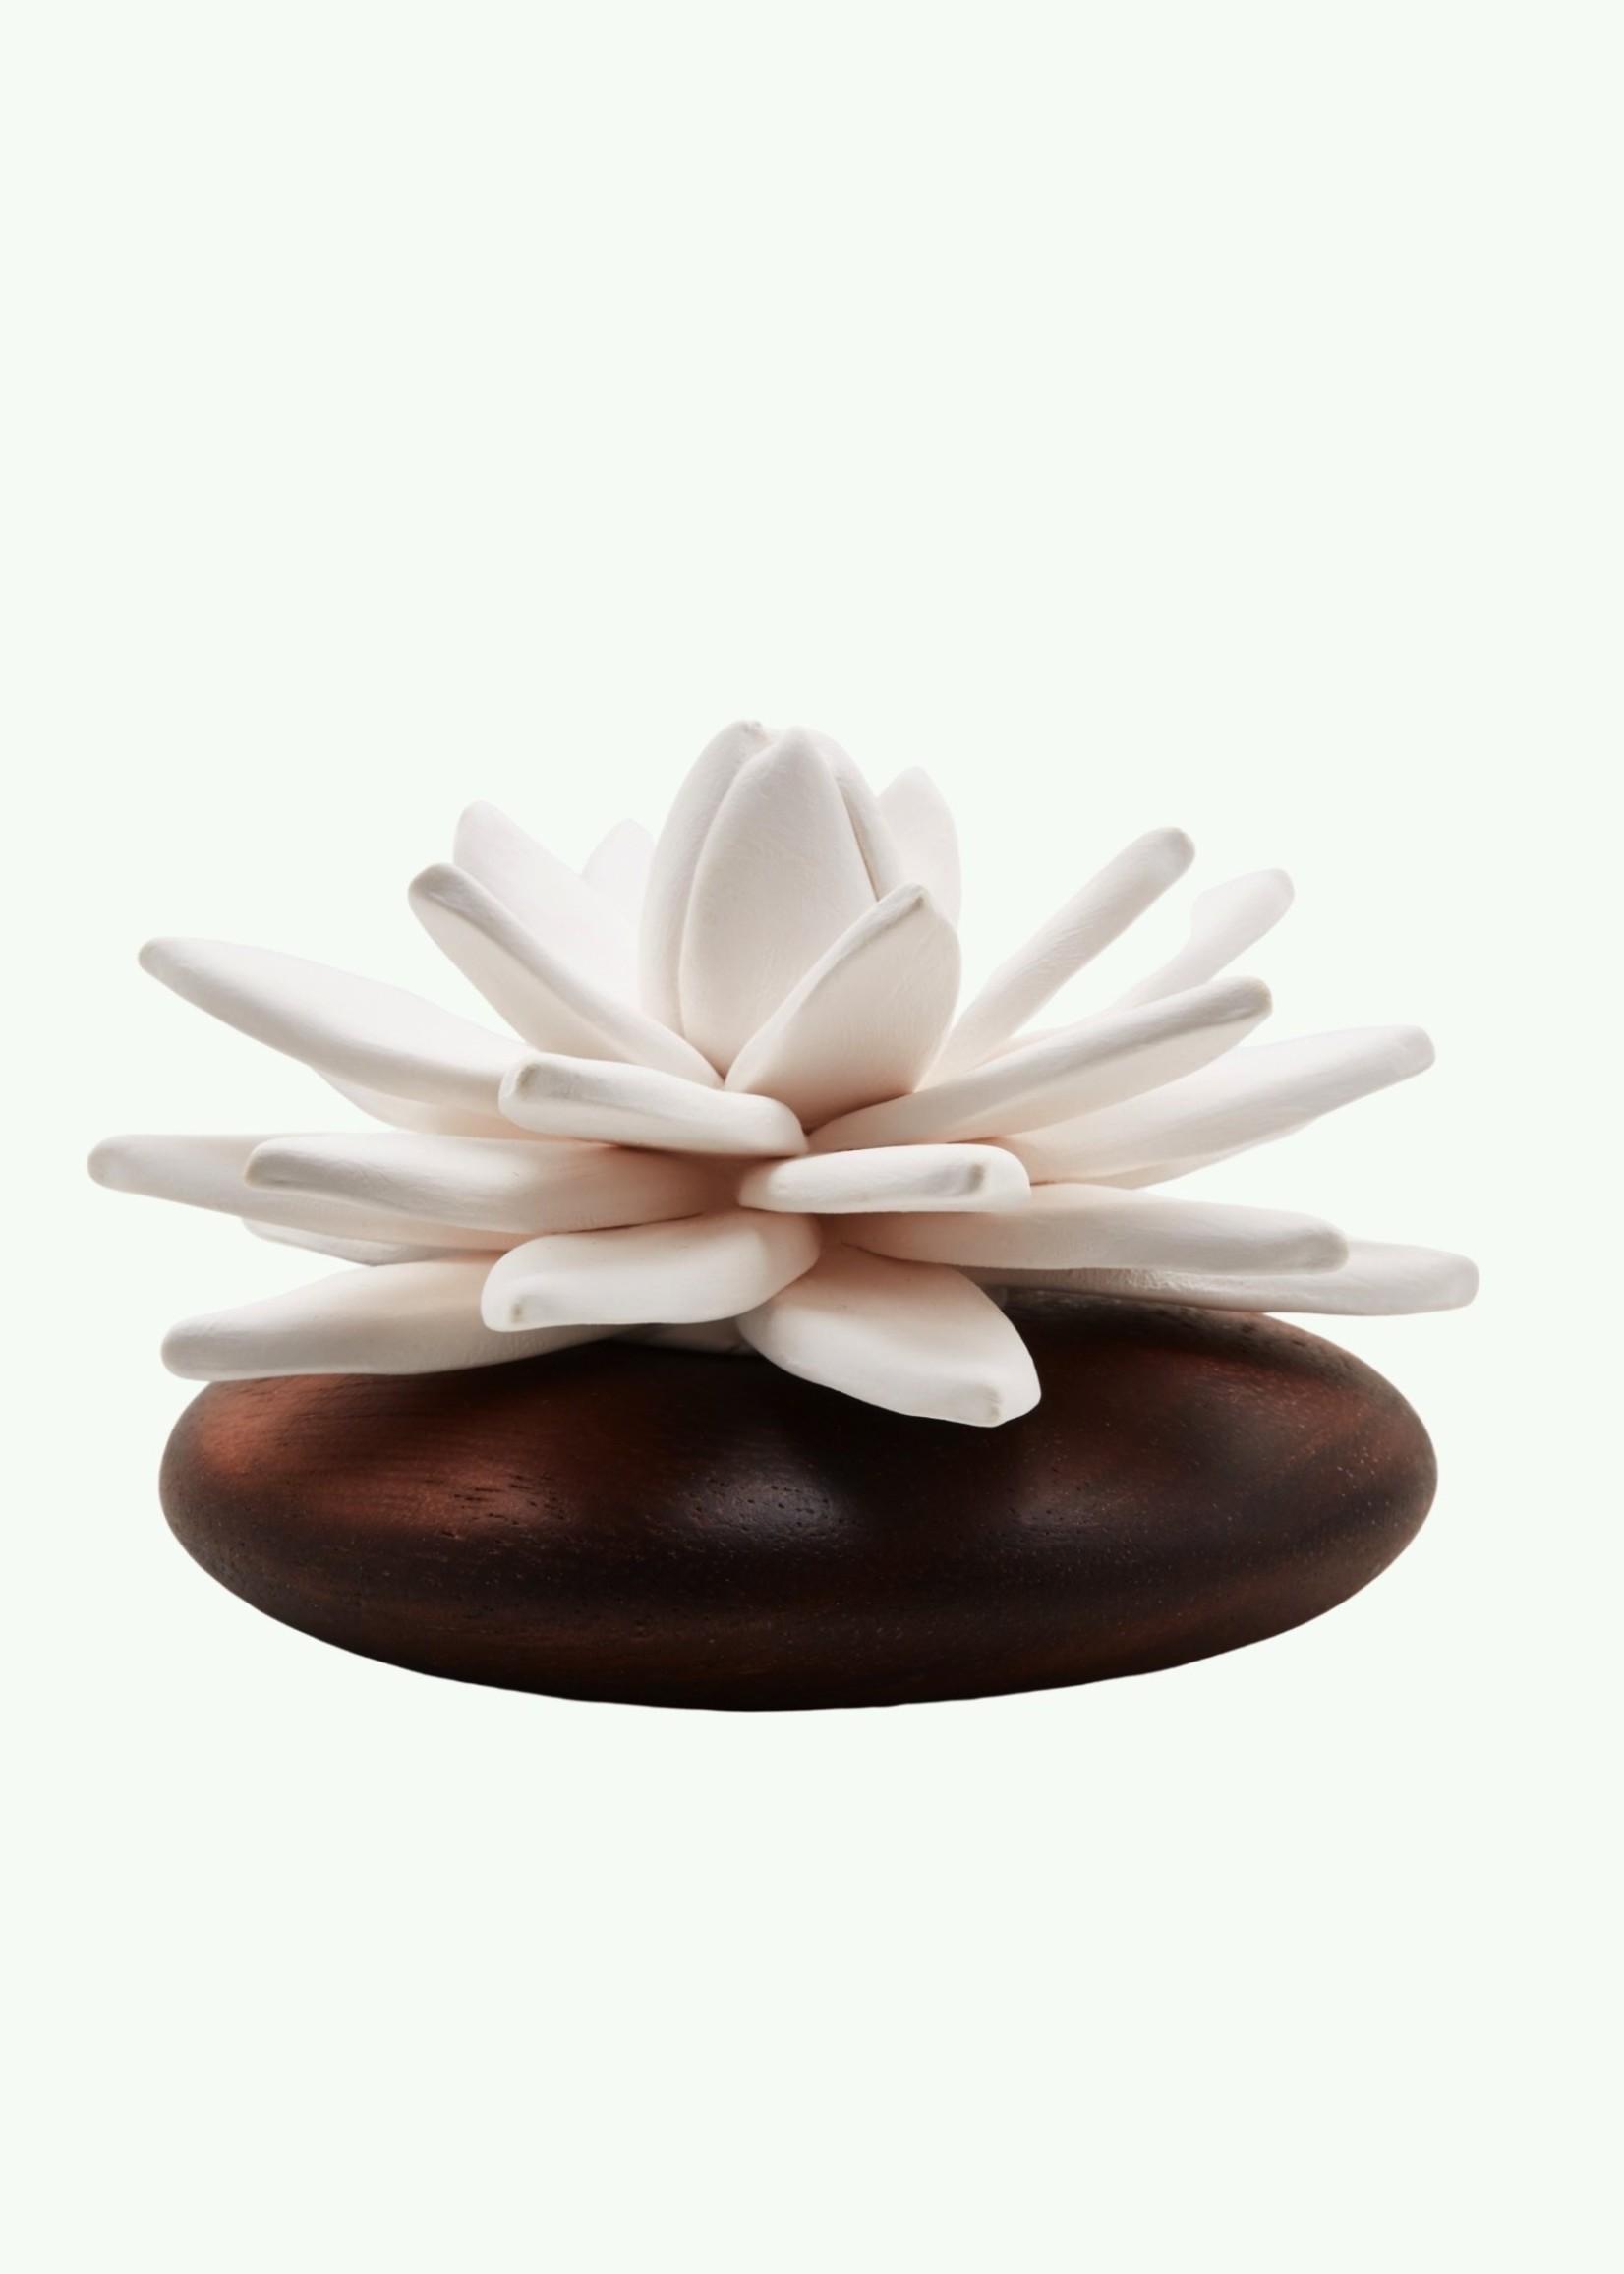 Anoq Anoq - Lotus des Indes - Diffuseur de Parfum